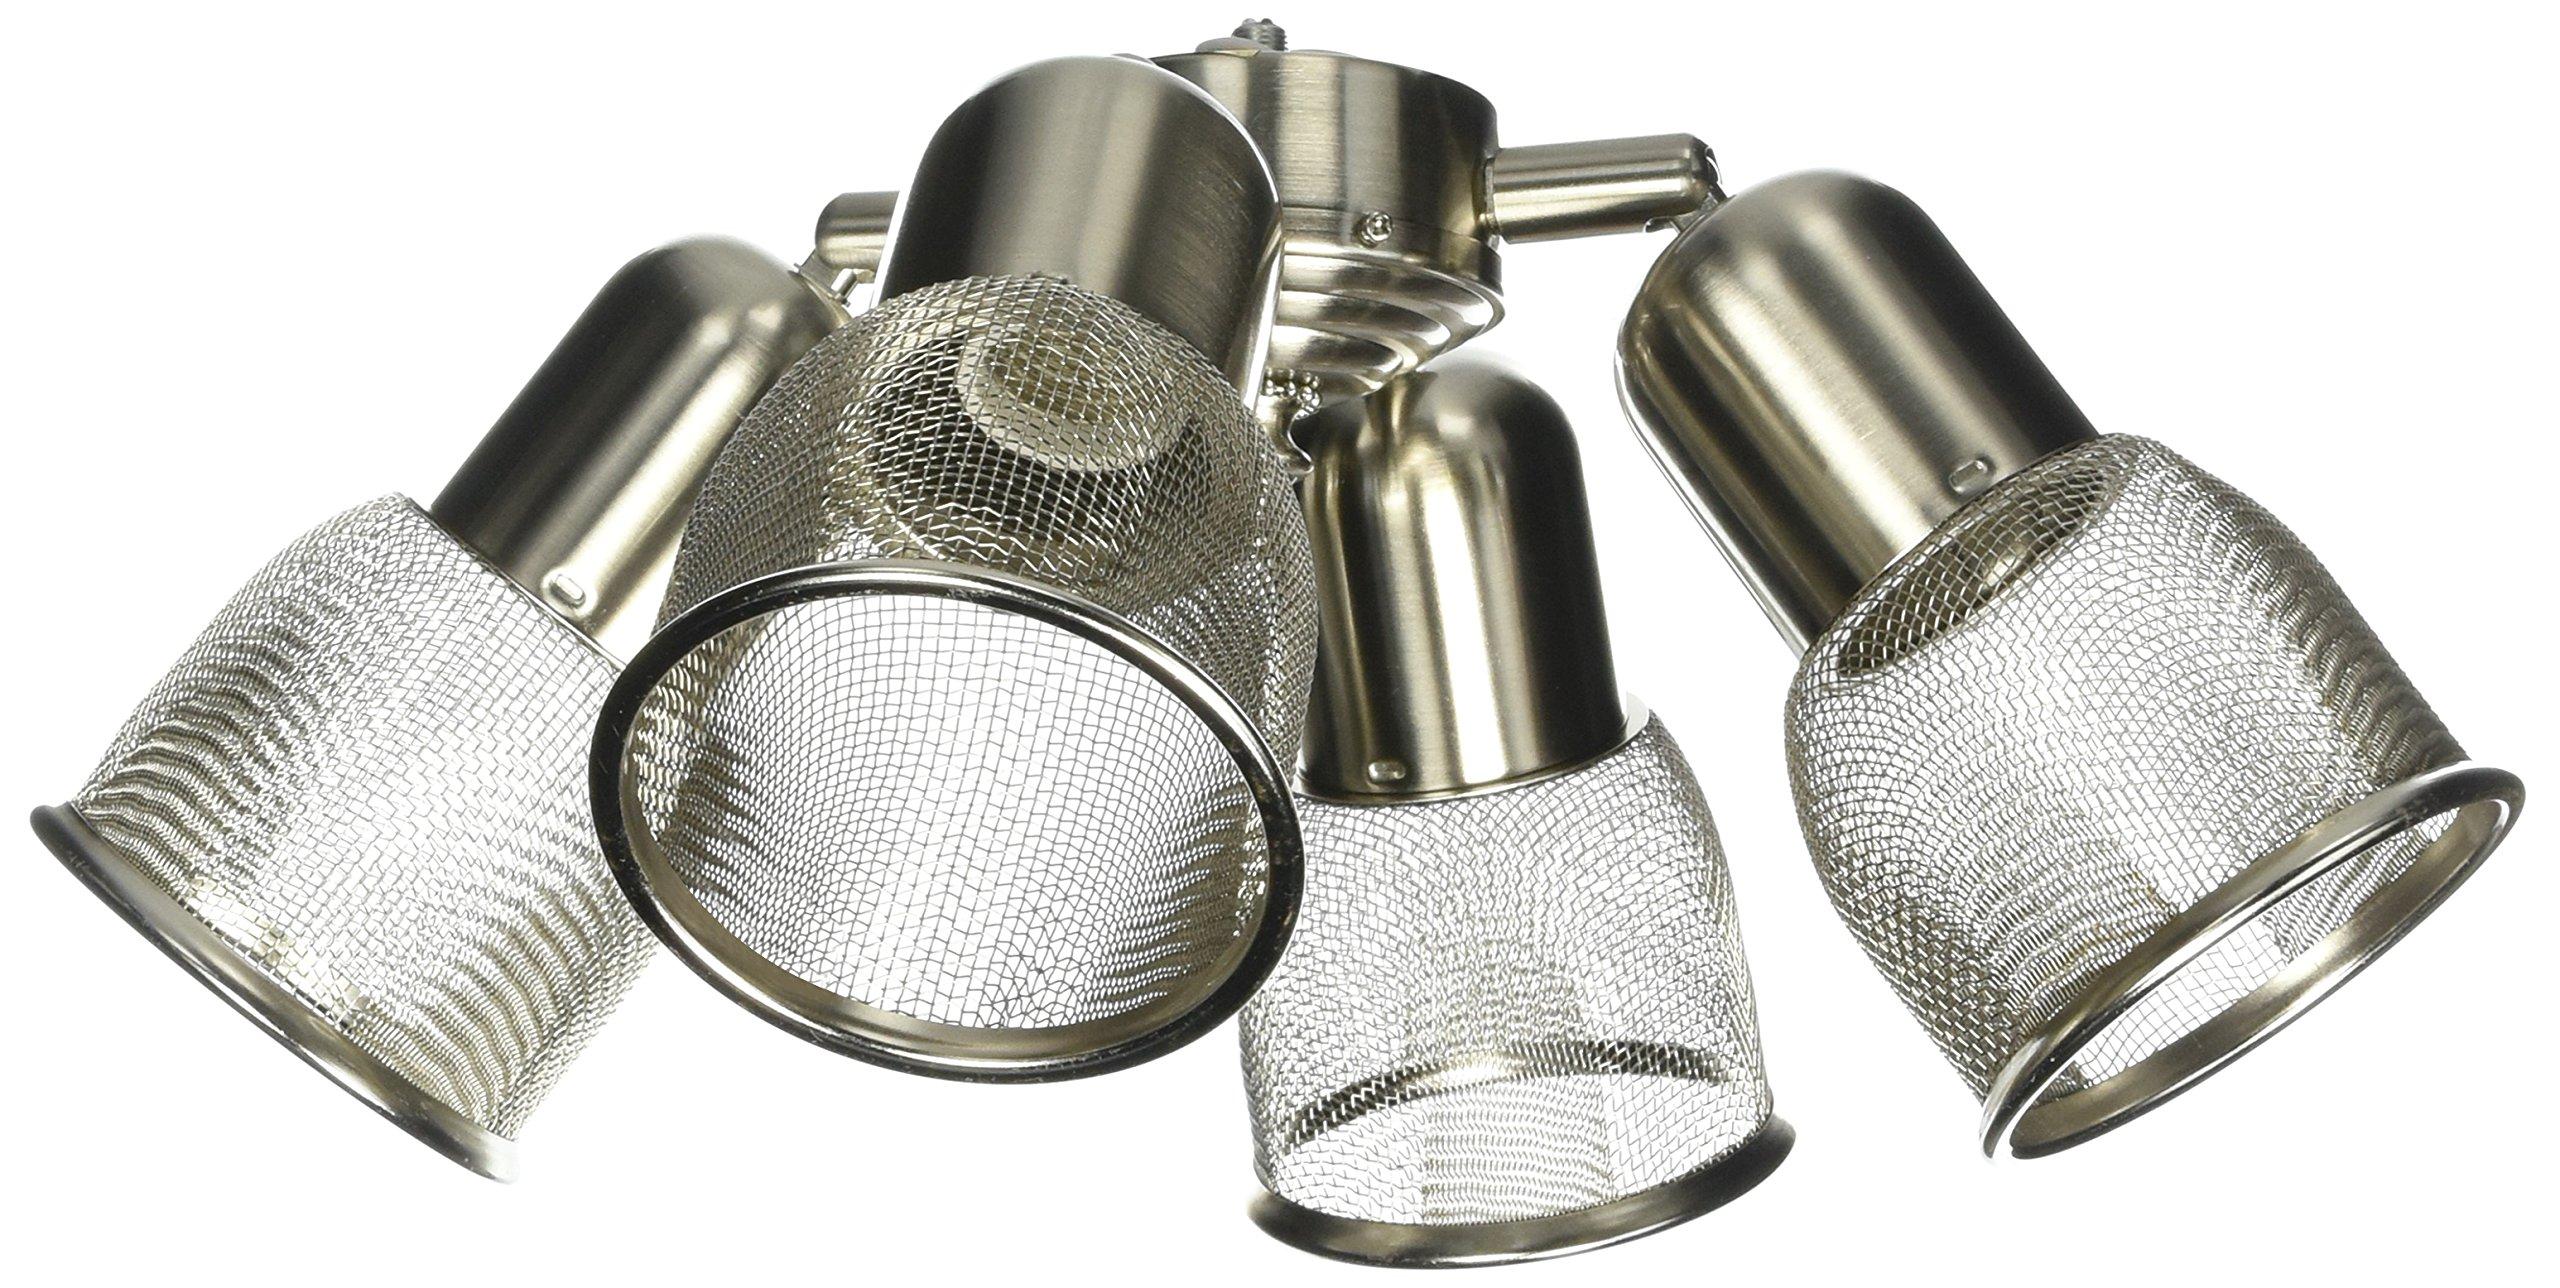 Emerson Ceiling Fans LK36BS 4 Spot Mesh Light Kit for Ceiling Fans